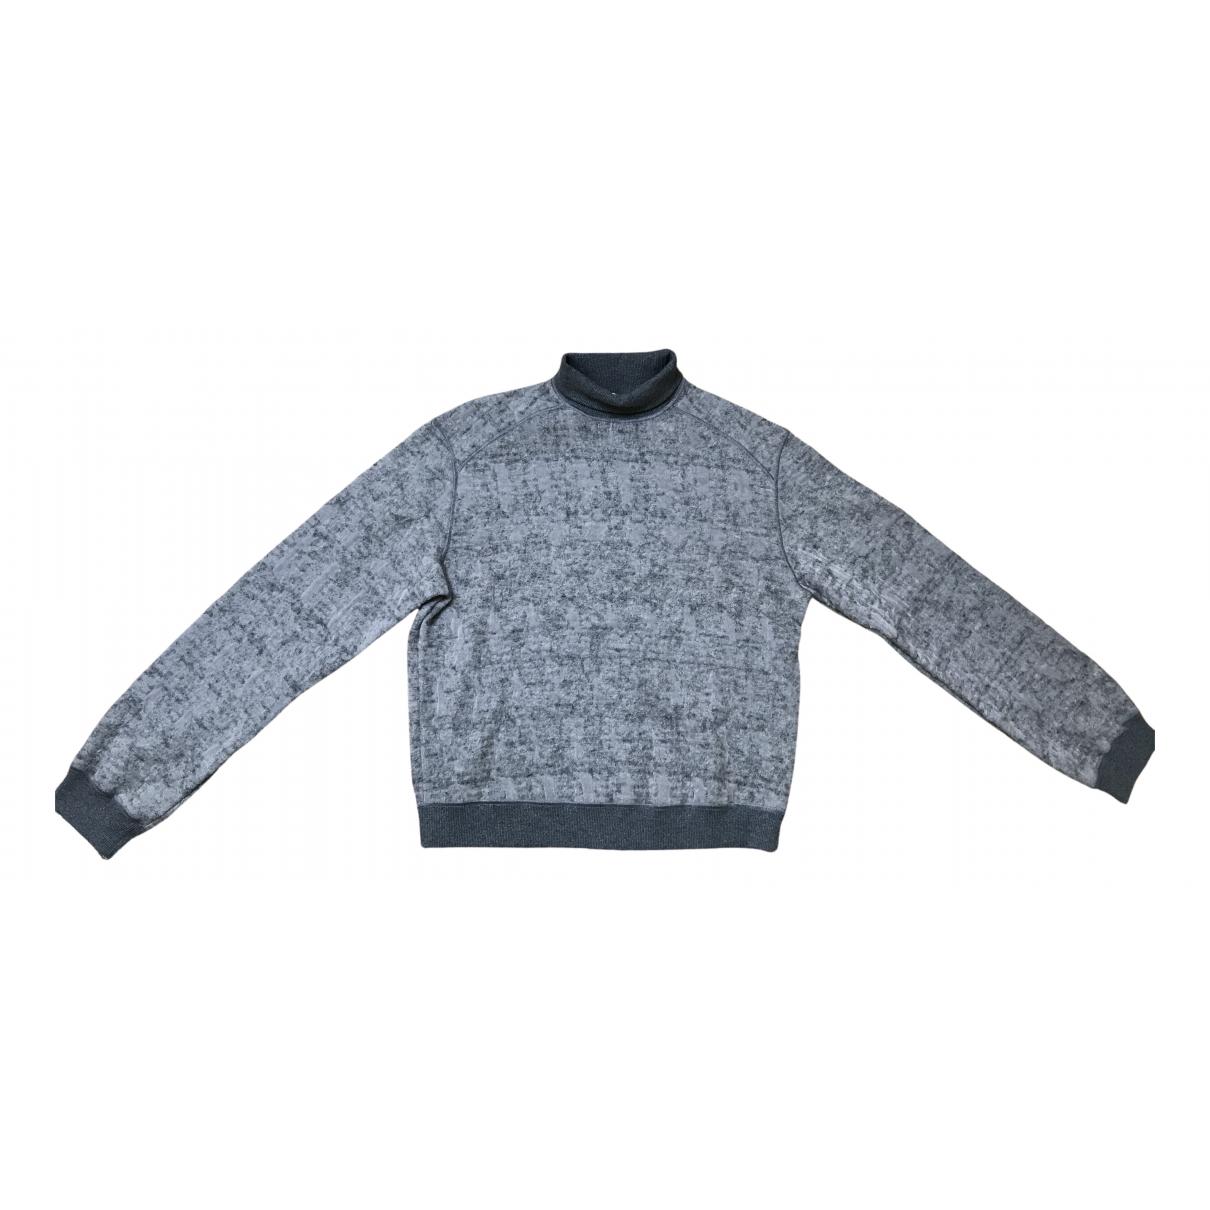 Gabriele Colangelo - Pull   pour femme en laine - gris